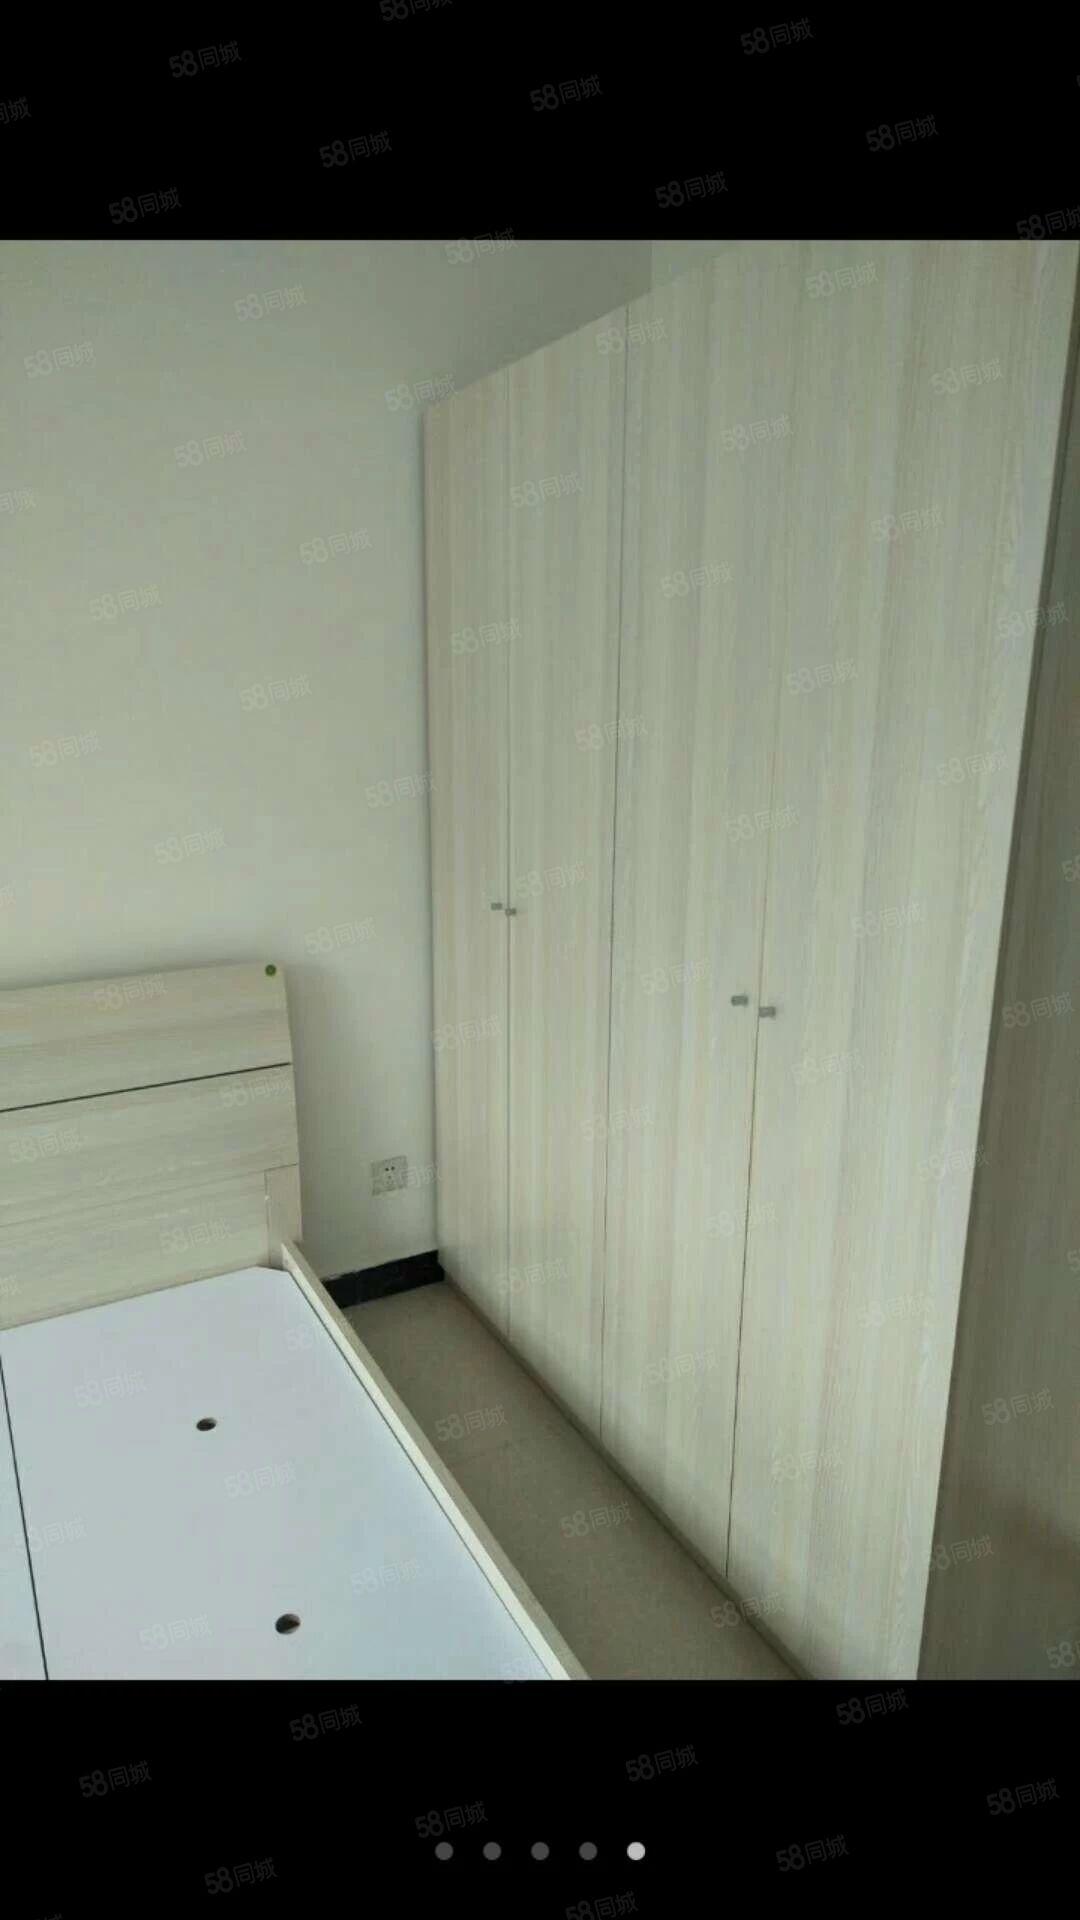 翡翠湾精装两室出租品牌家电干净卫生拎包就住